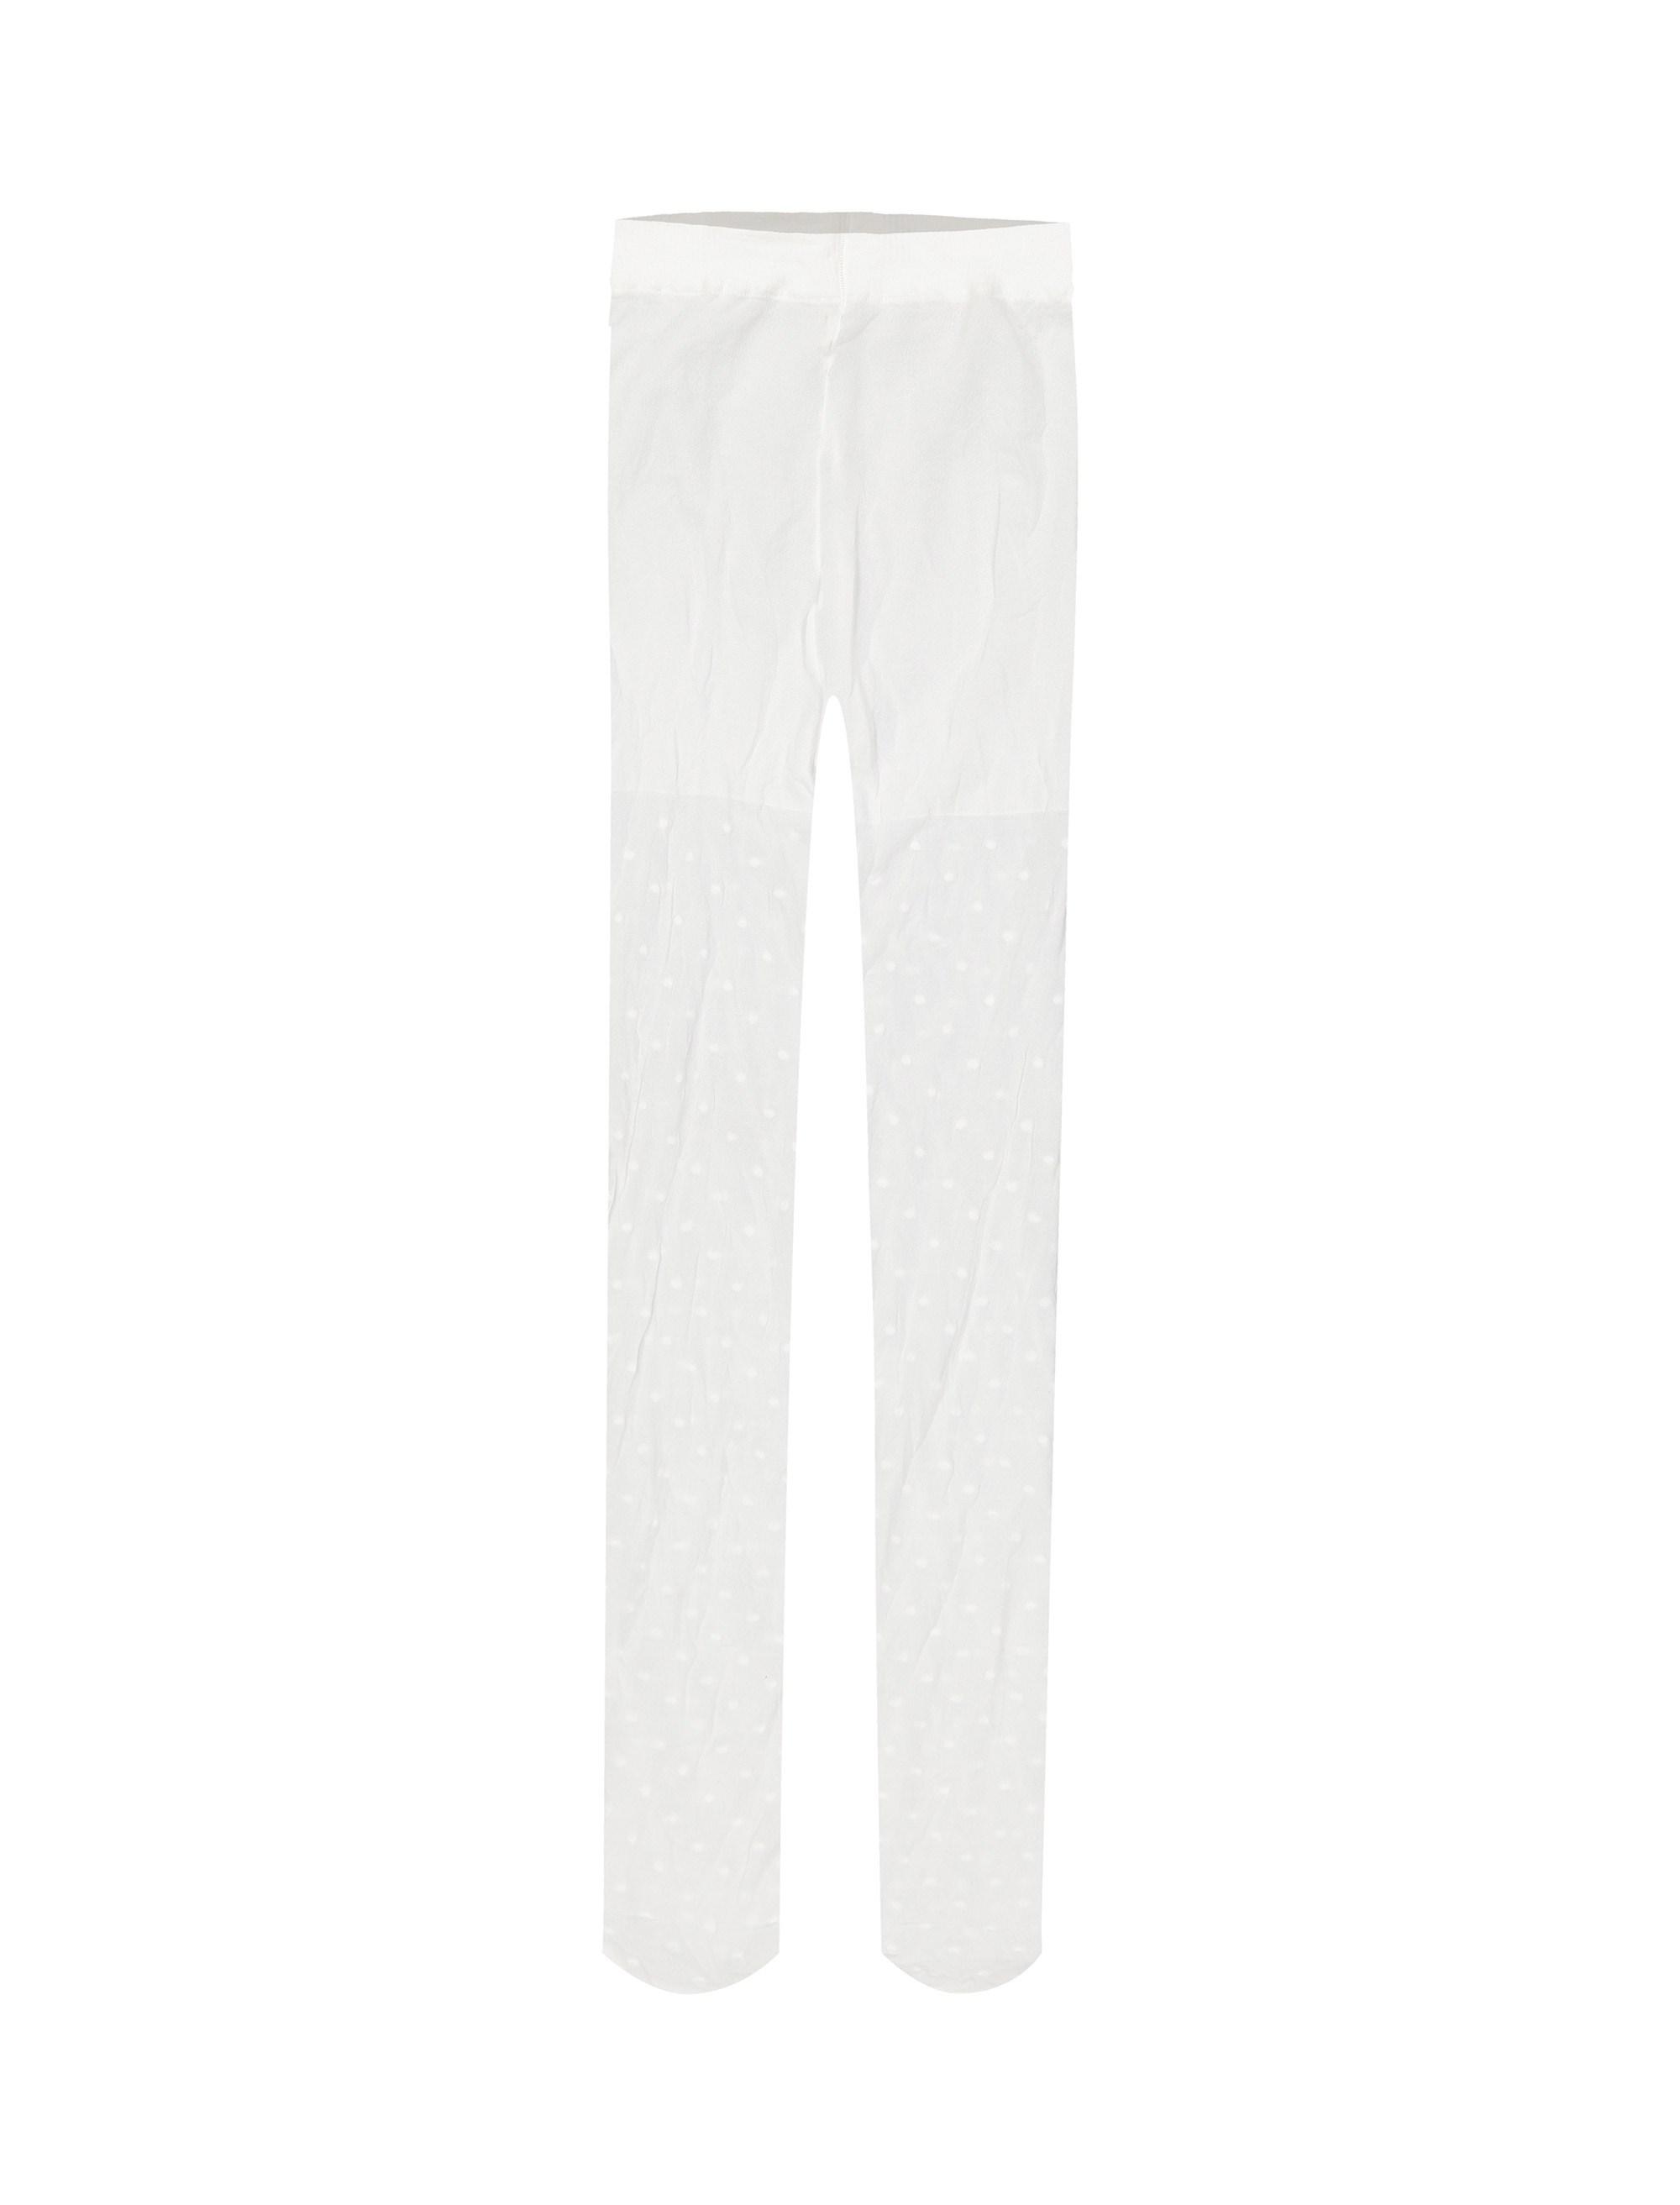 جوراب شلواری دخترانه بسته دو عددی - ارکسترا - سفيد - 3